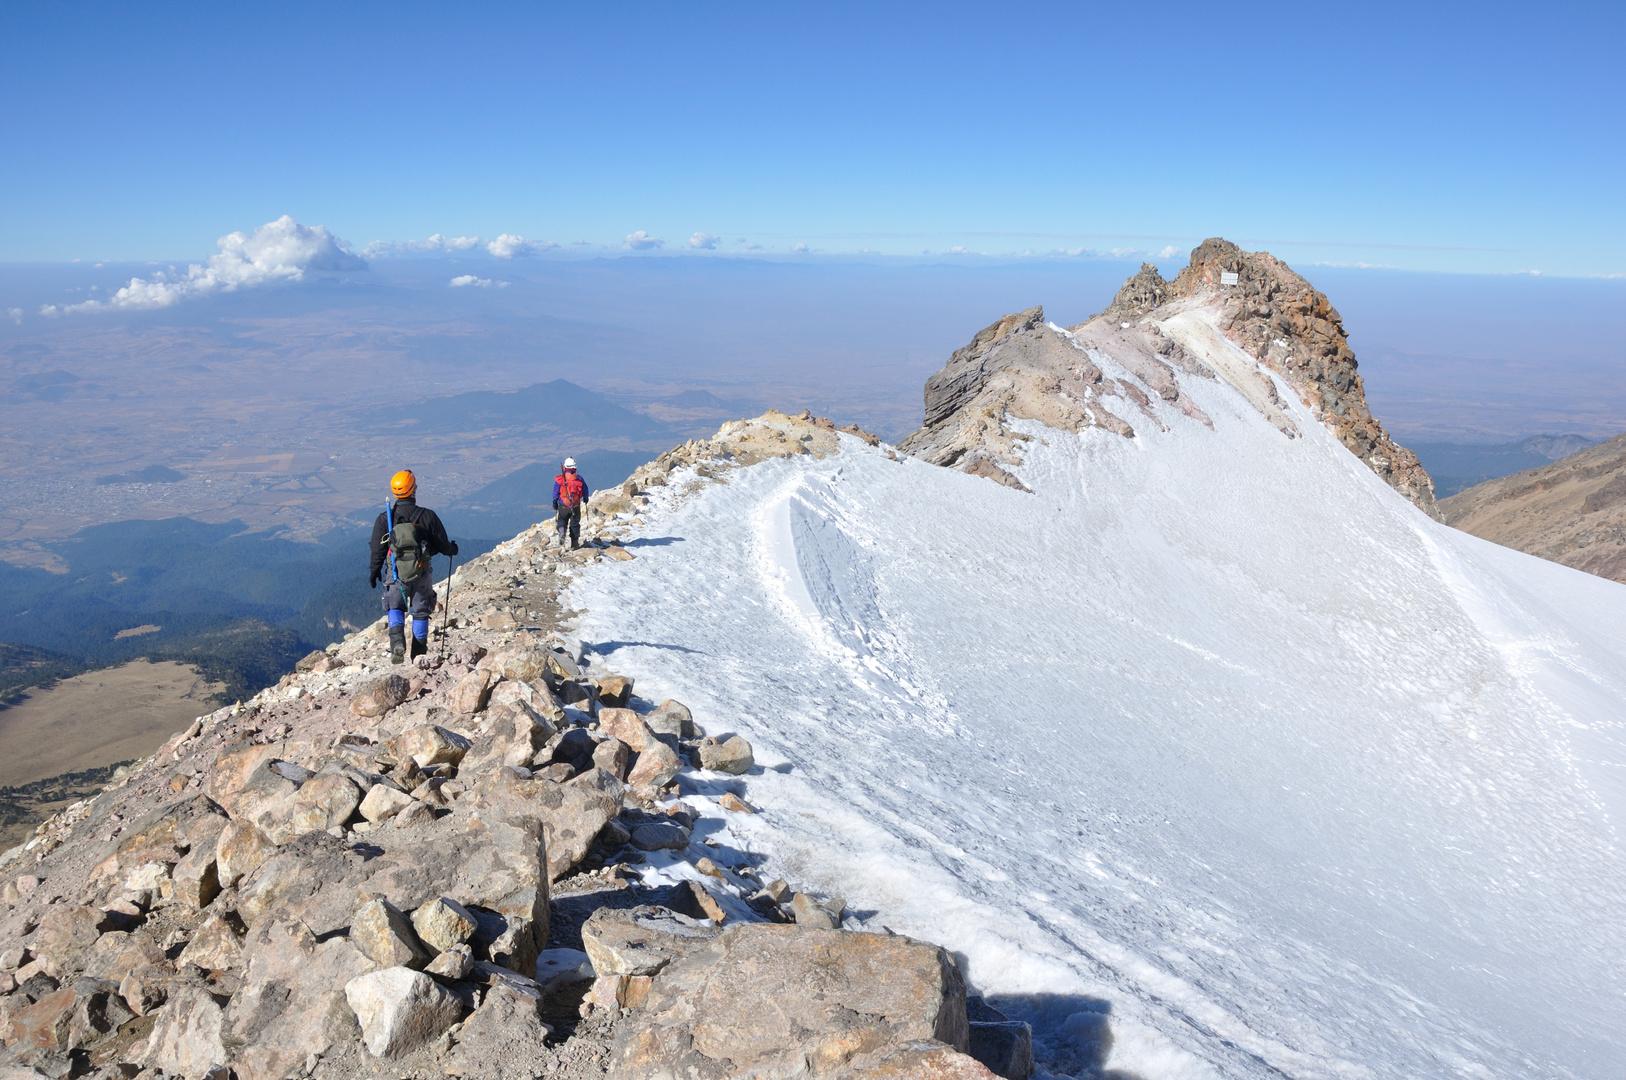 Caminata sobre glaciar